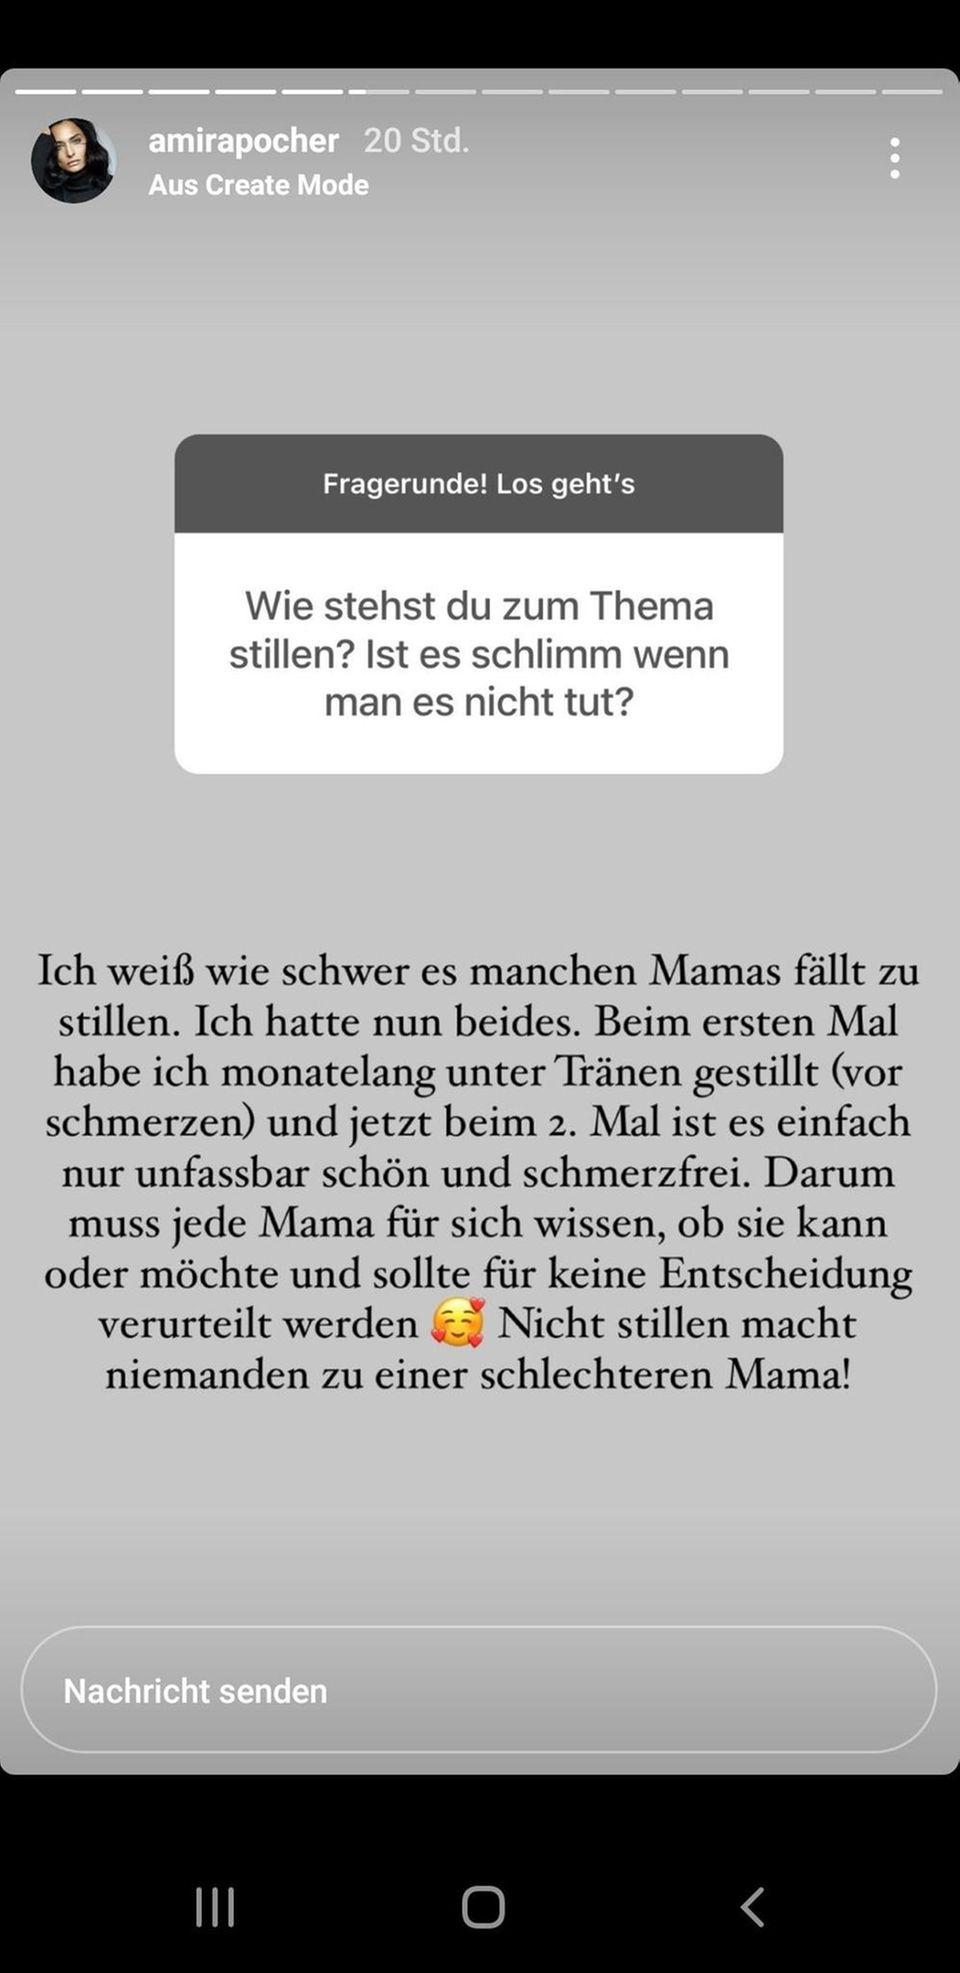 Amira Pochers Antwort auf Instagram zu der Frage, ob es okay ist, sein Kind nicht zu stillen.